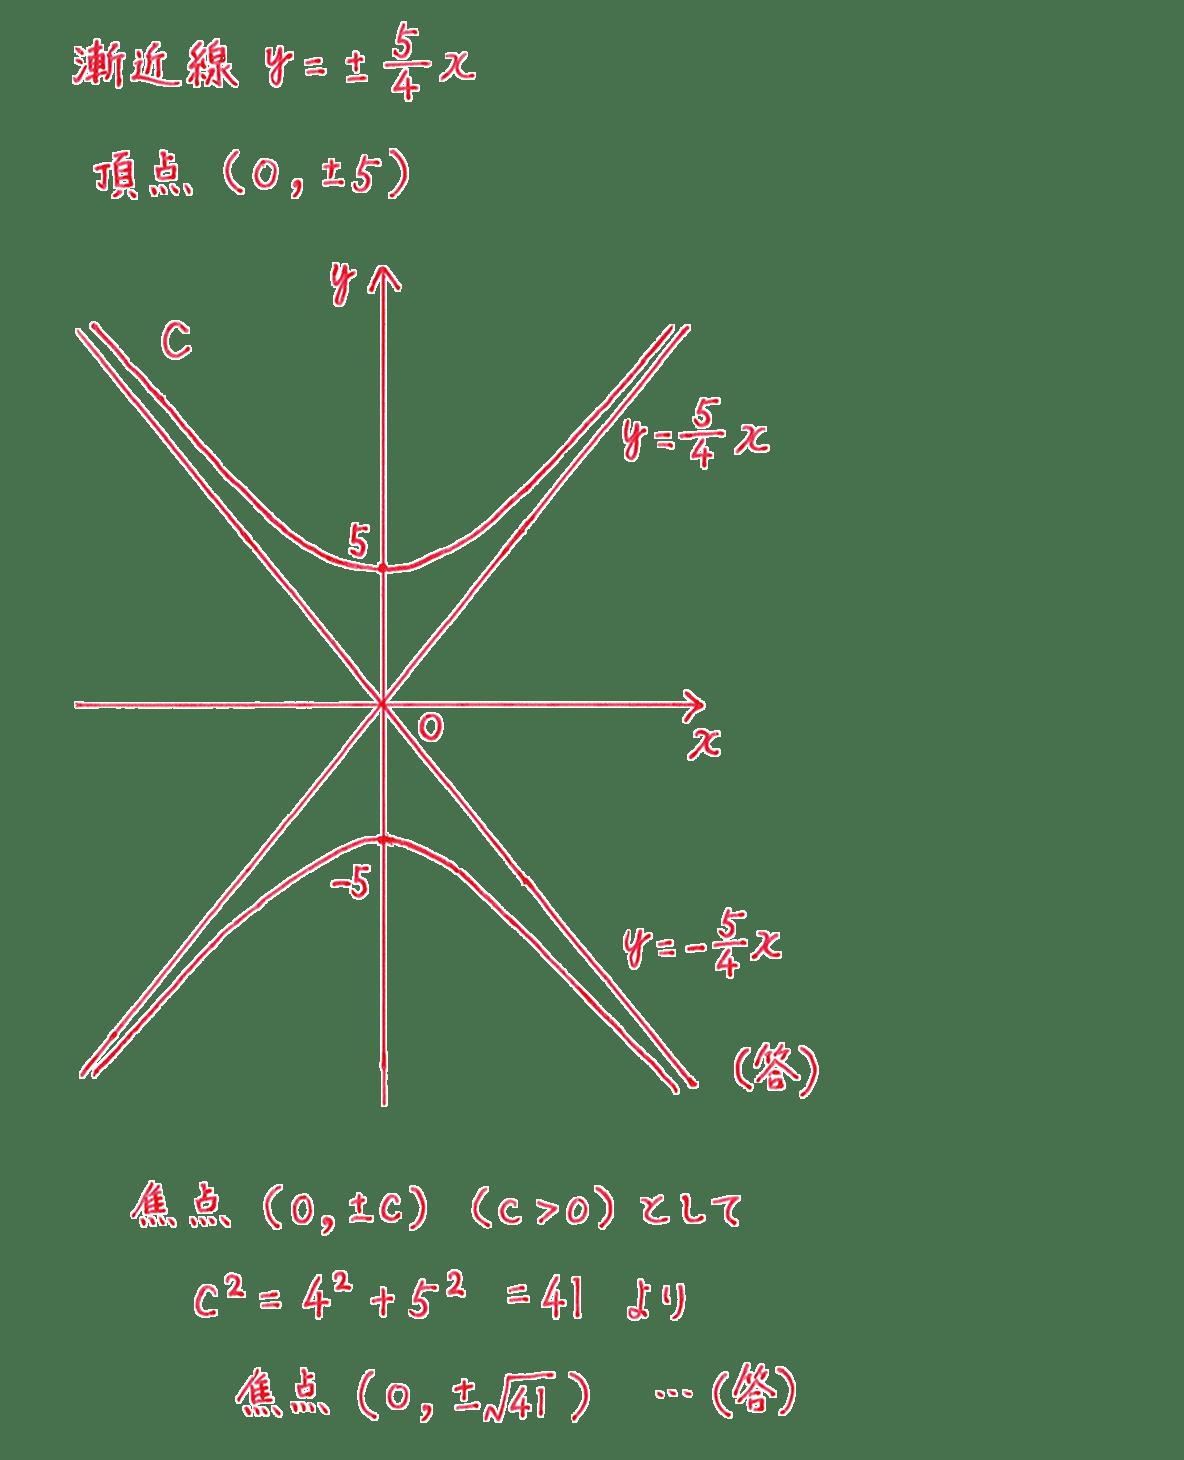 式と曲線11 問題2 解答 図も含むすべて